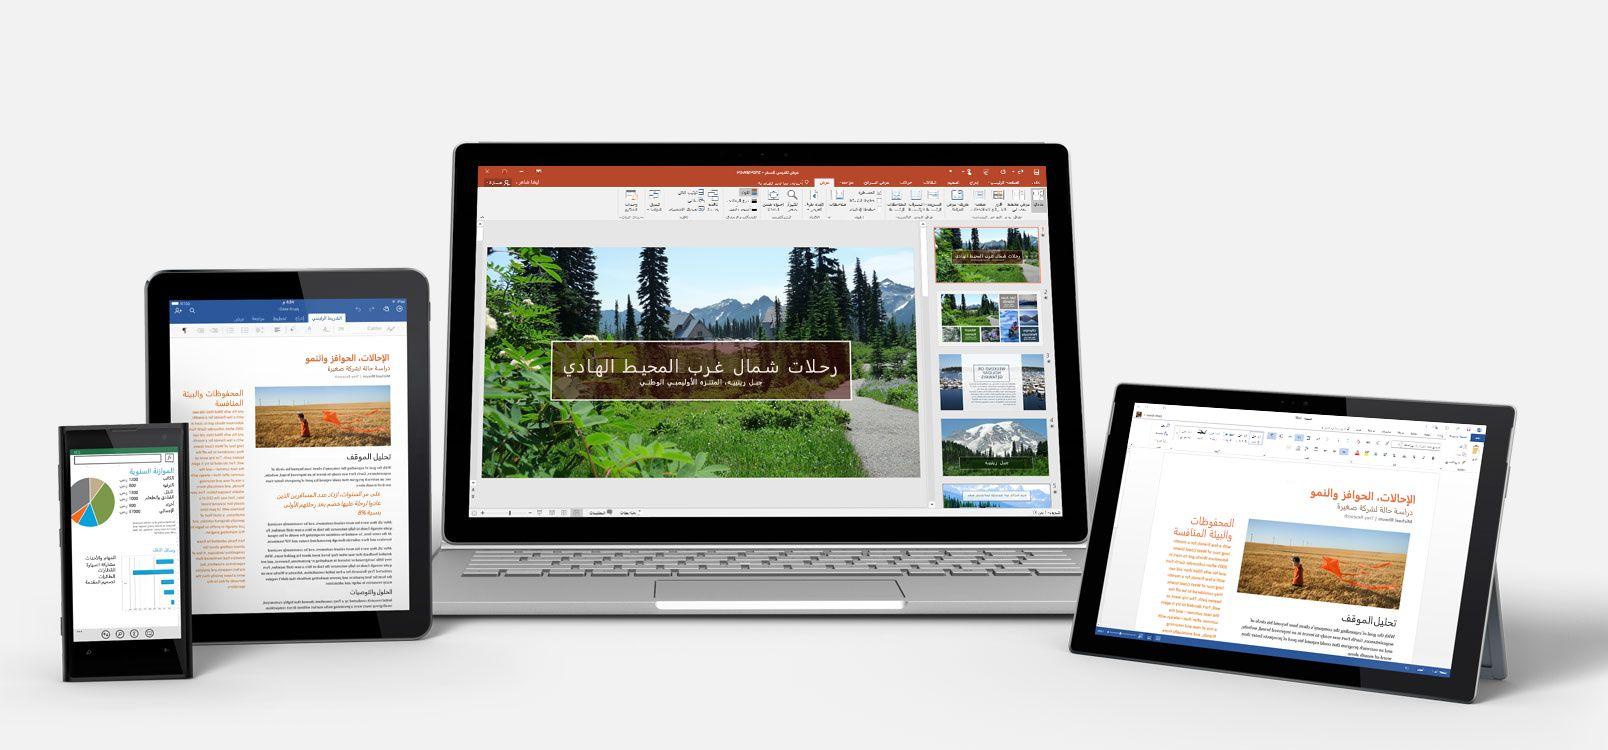 كمبيوتر لوحي يعمل بنظام Windows وكمبيوتر محمول وiPad وهاتف ذكي تعرض Office 365 أثناء استخدامه.